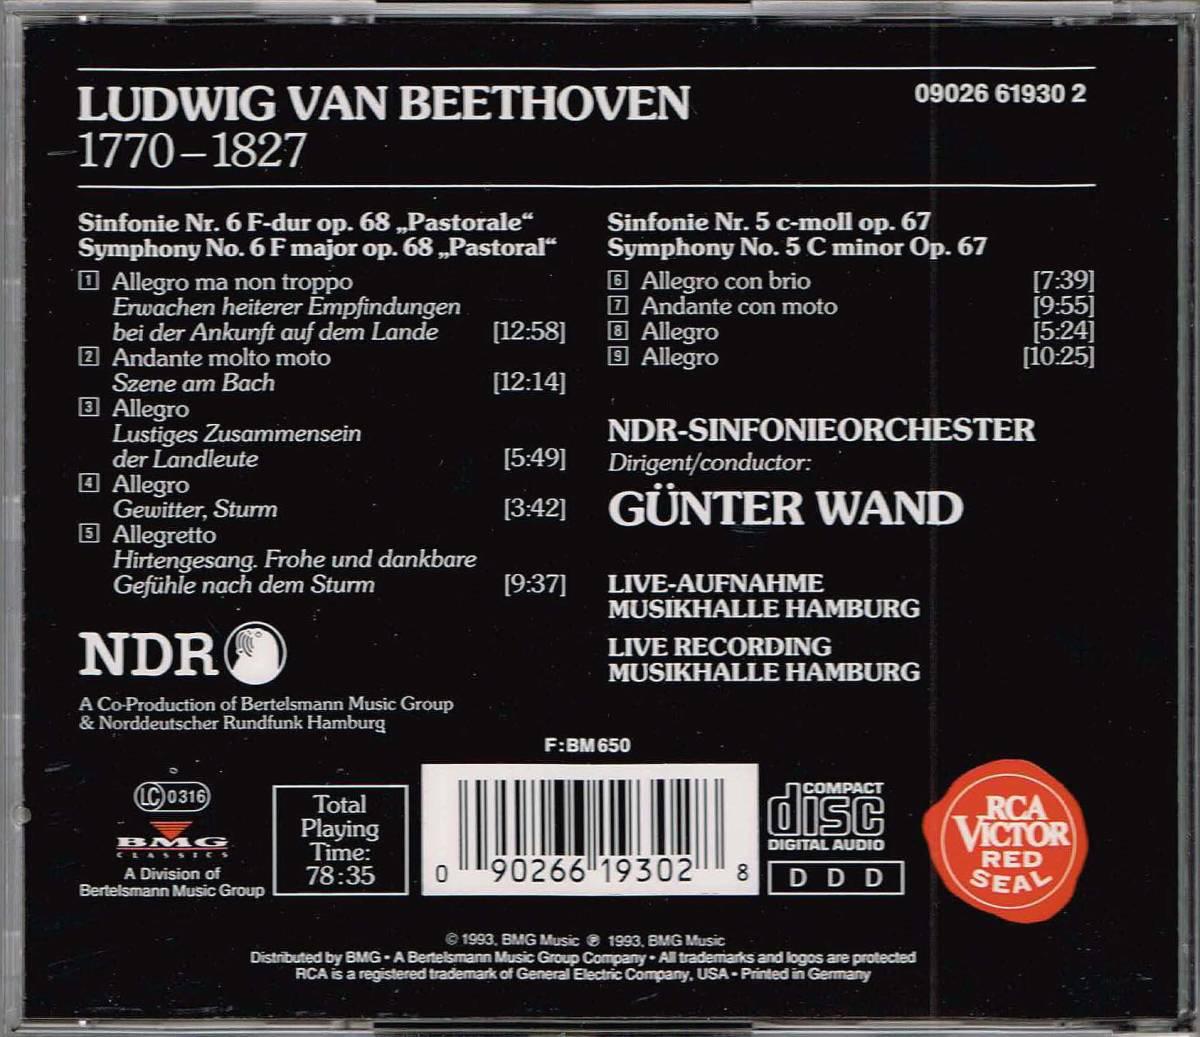 733 ヴァント ベートーヴェン:交響曲第5番「運命」&第6番「田園」/北ドイツ放送交響楽団_画像2